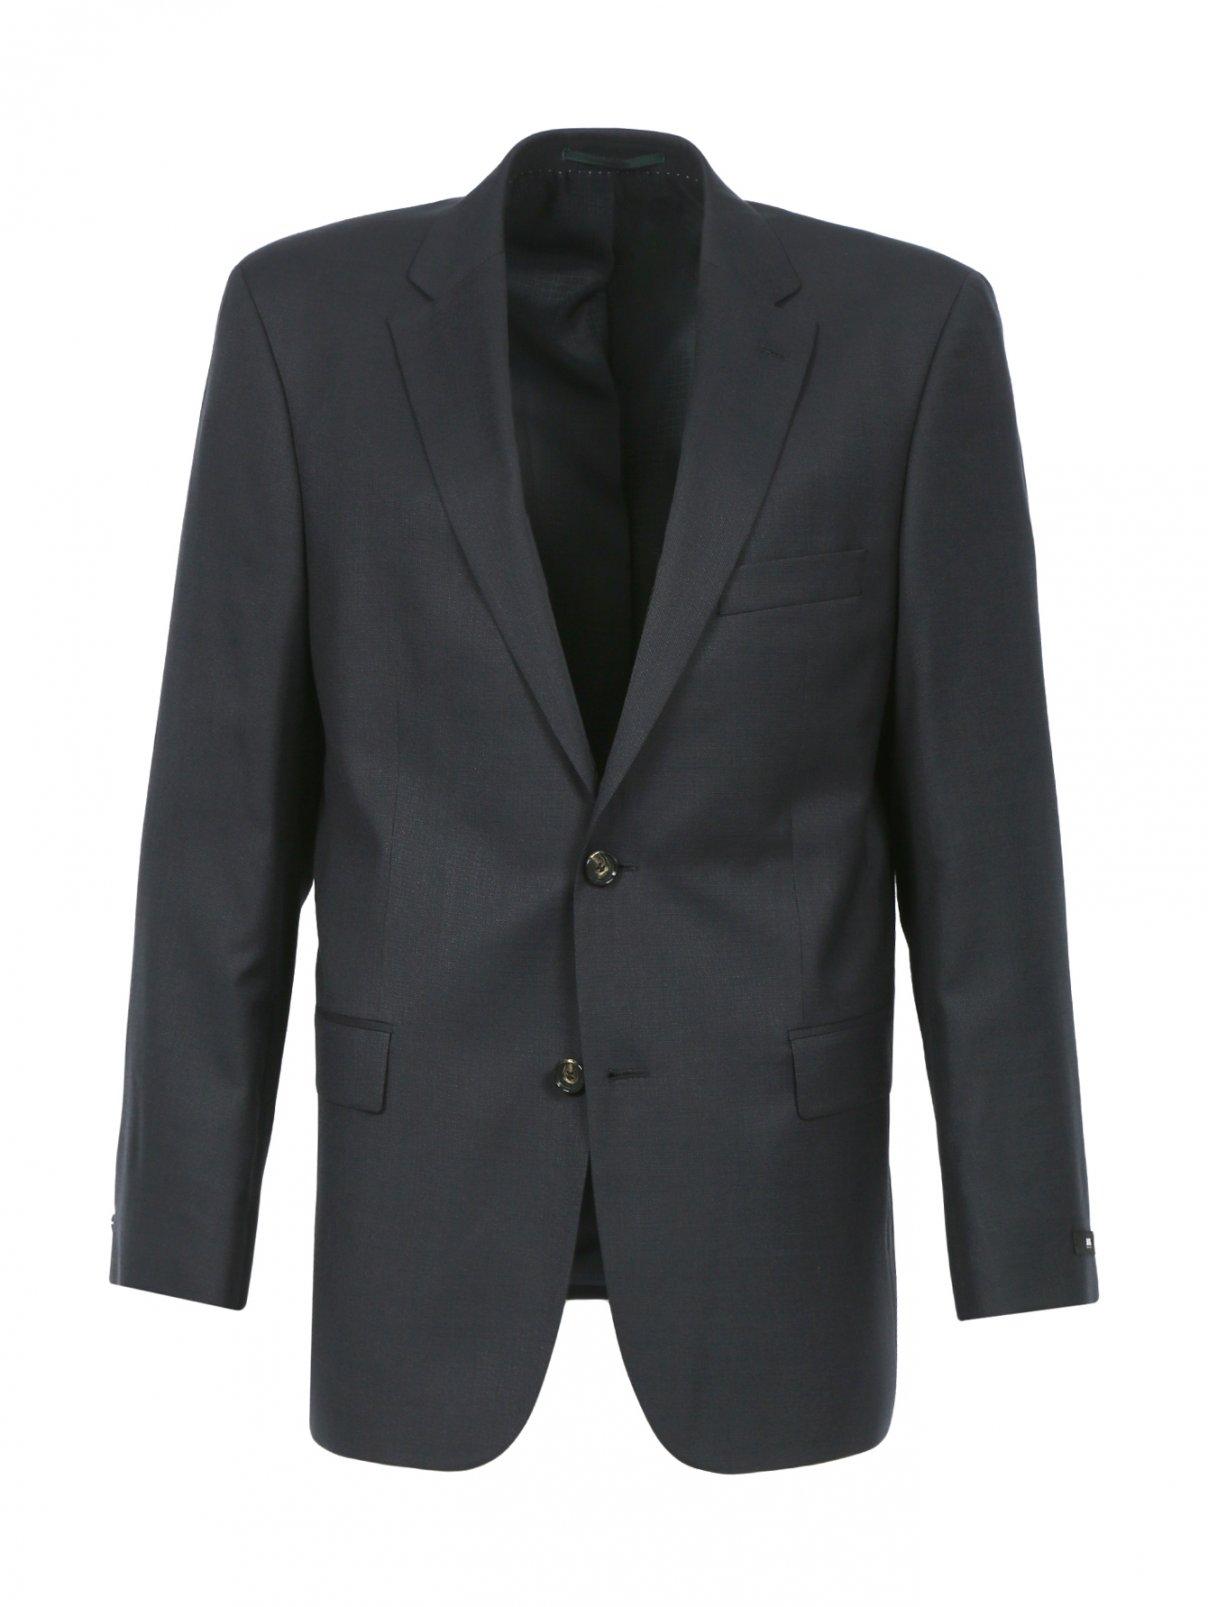 Однобортный пиджак из шерсти и шелка Boss  –  Общий вид  – Цвет:  Серый